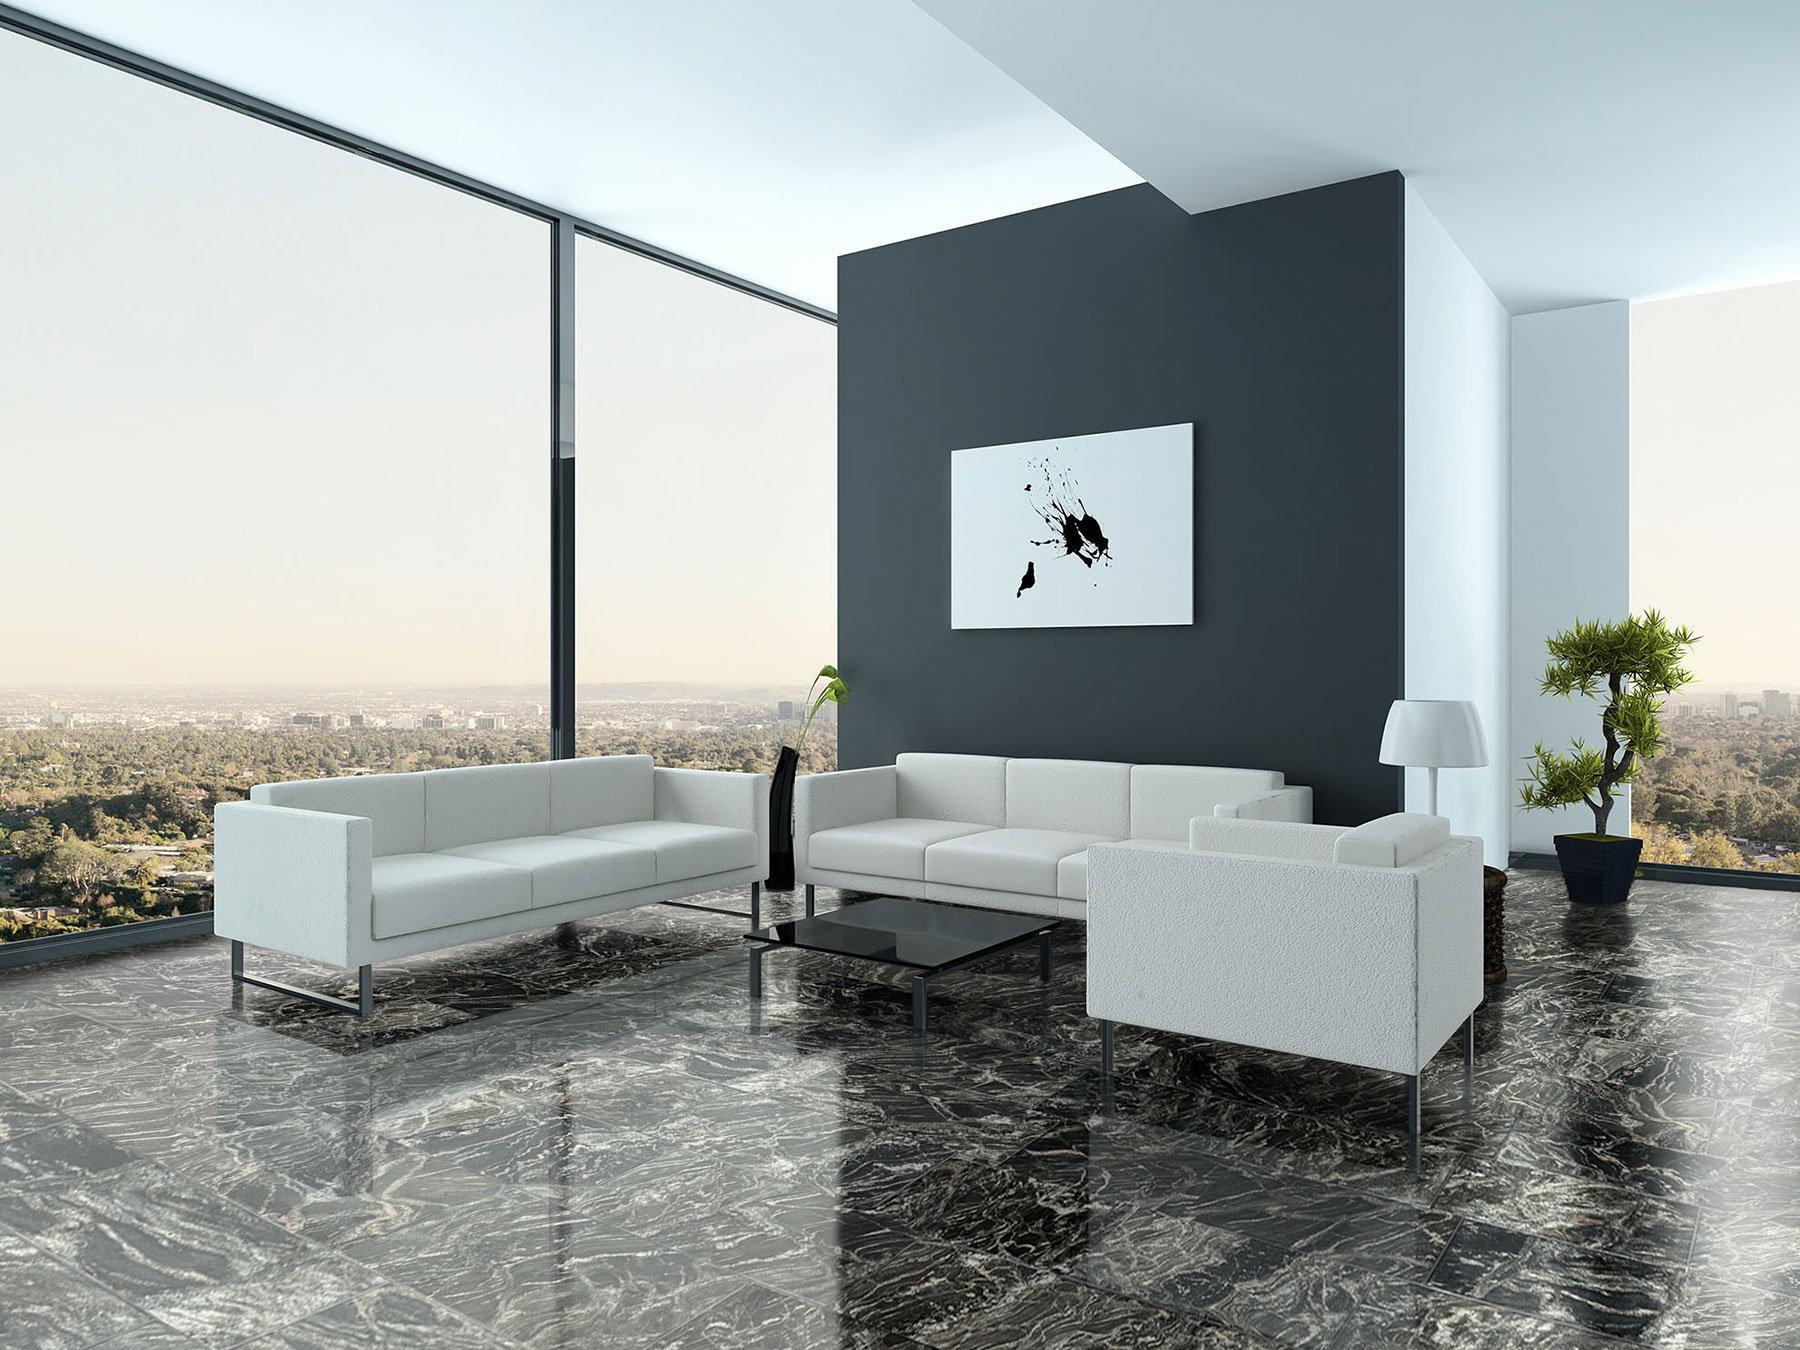 granitfliesen black forest poliert 61 30 5 1 cm feinsteinzeug fliesen granitfliesen. Black Bedroom Furniture Sets. Home Design Ideas